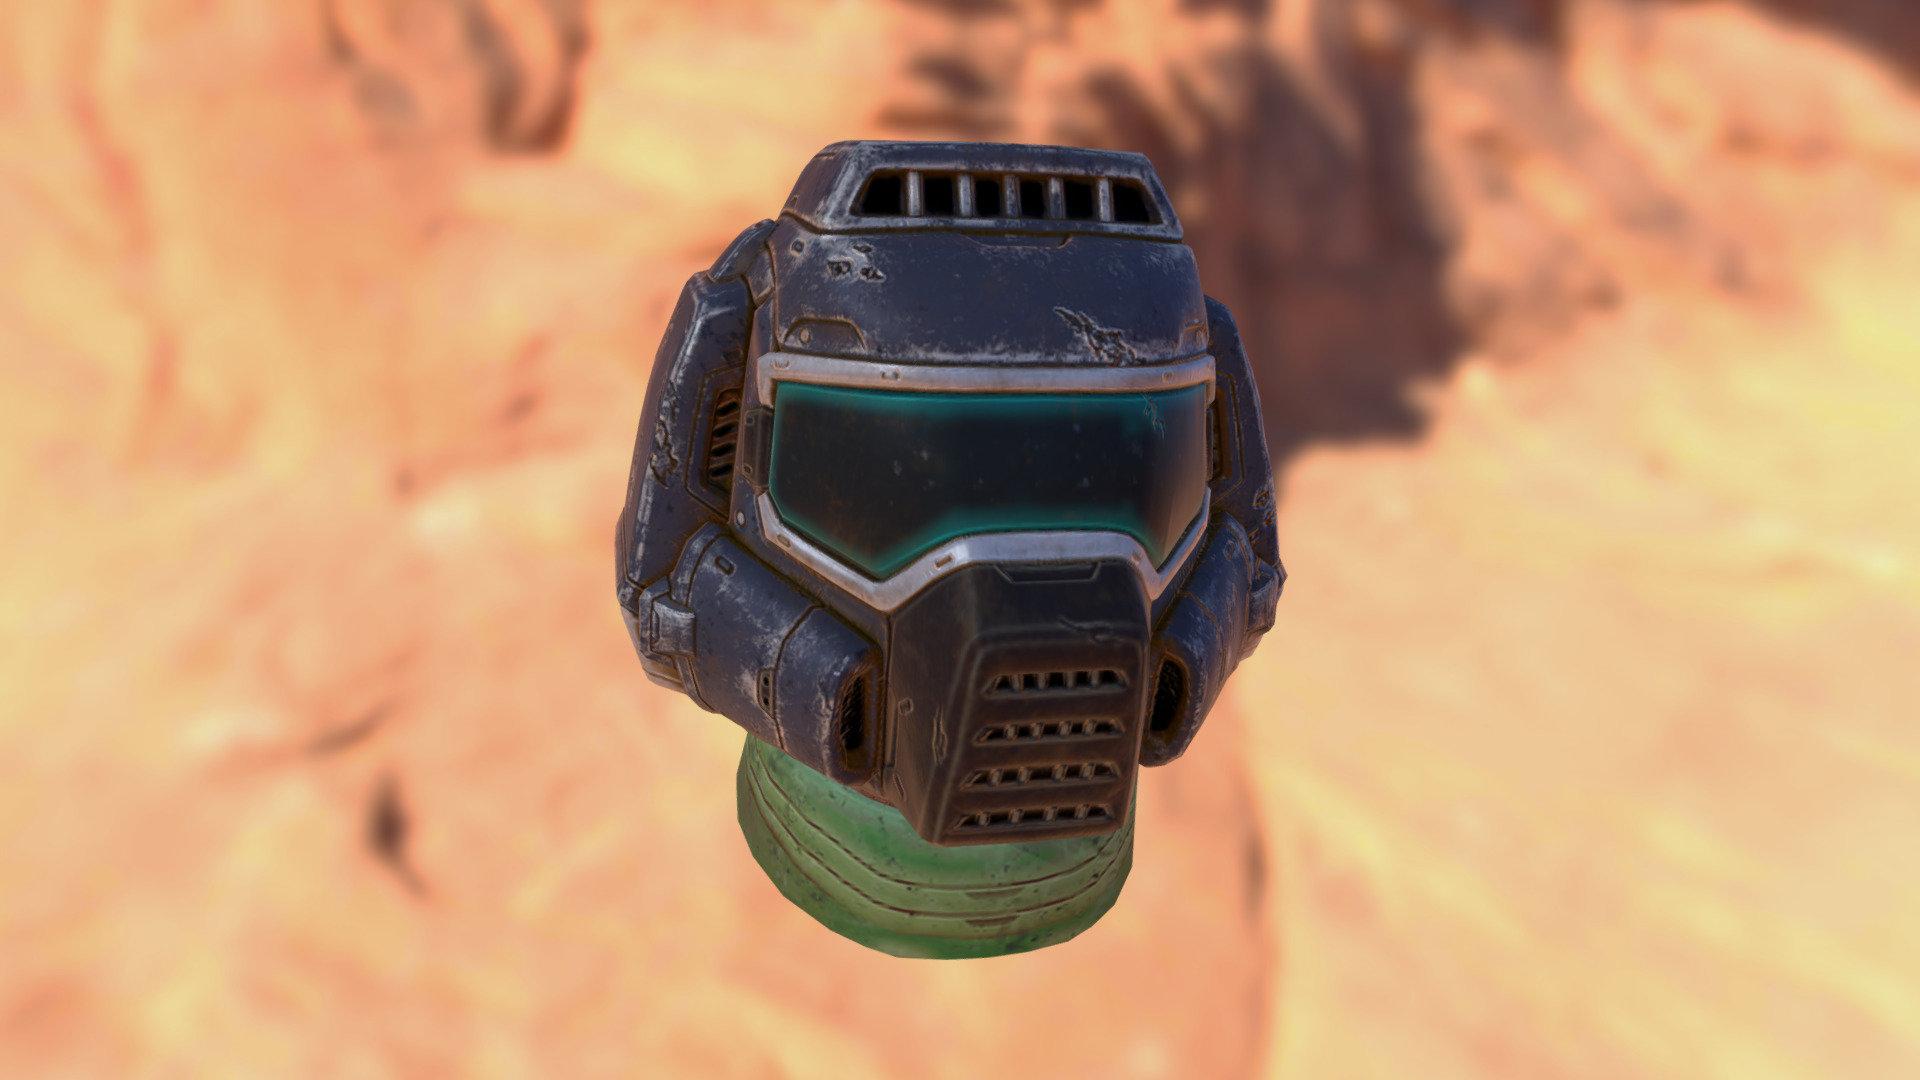 Doom Helmet